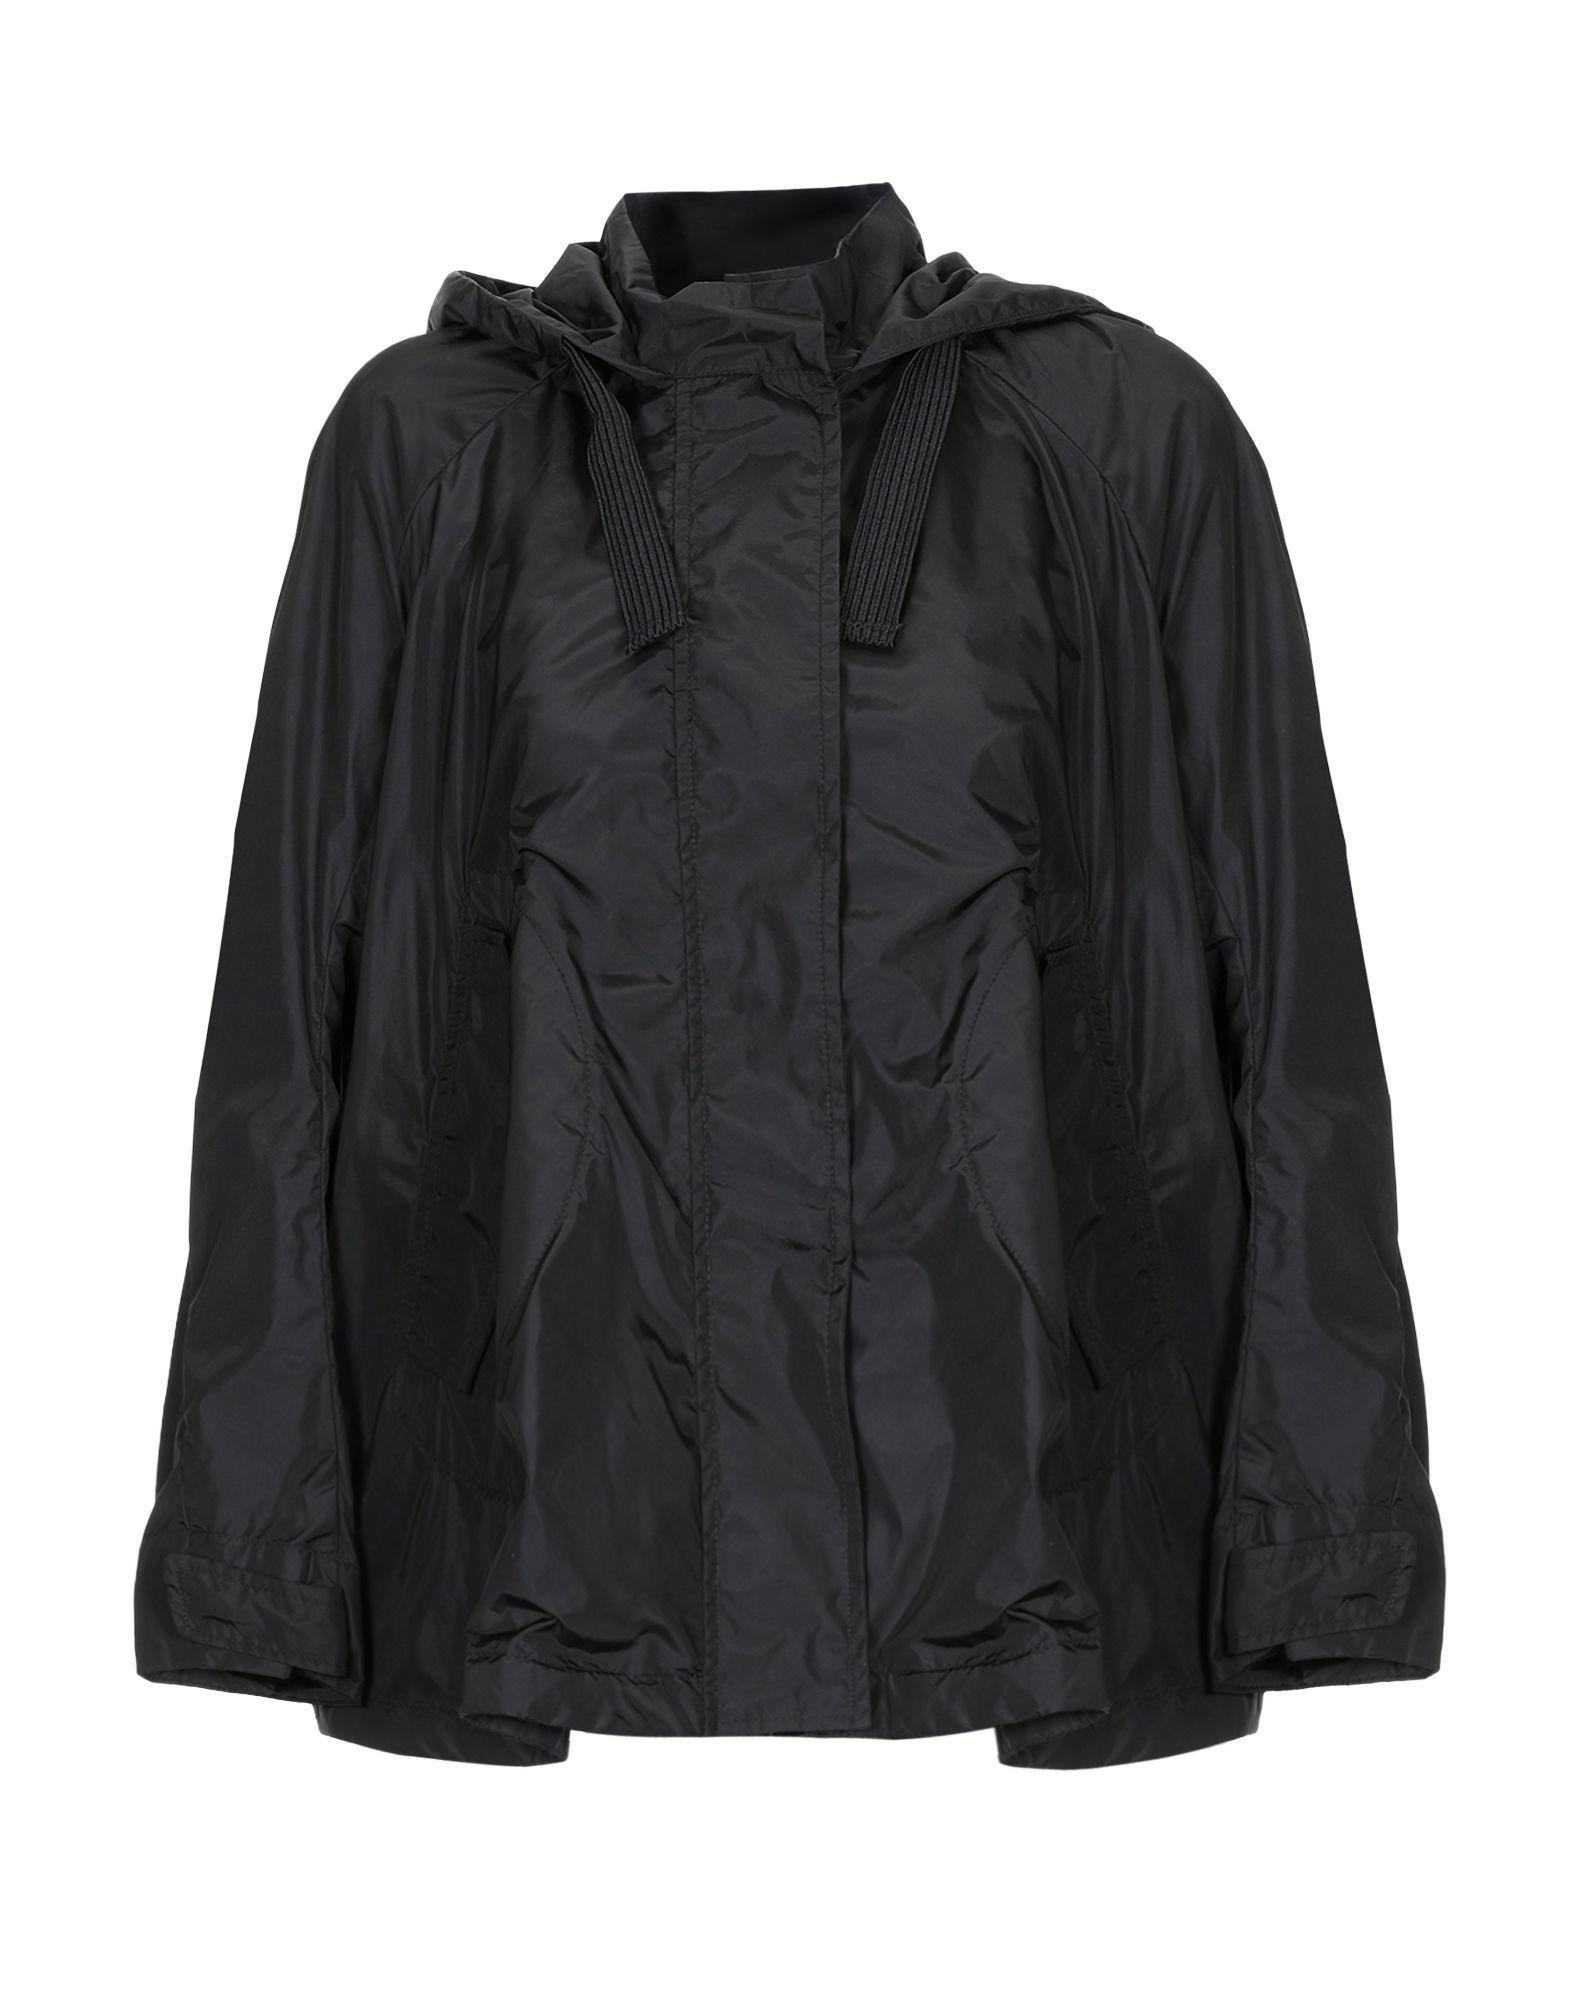 Allegri Jacket In Black